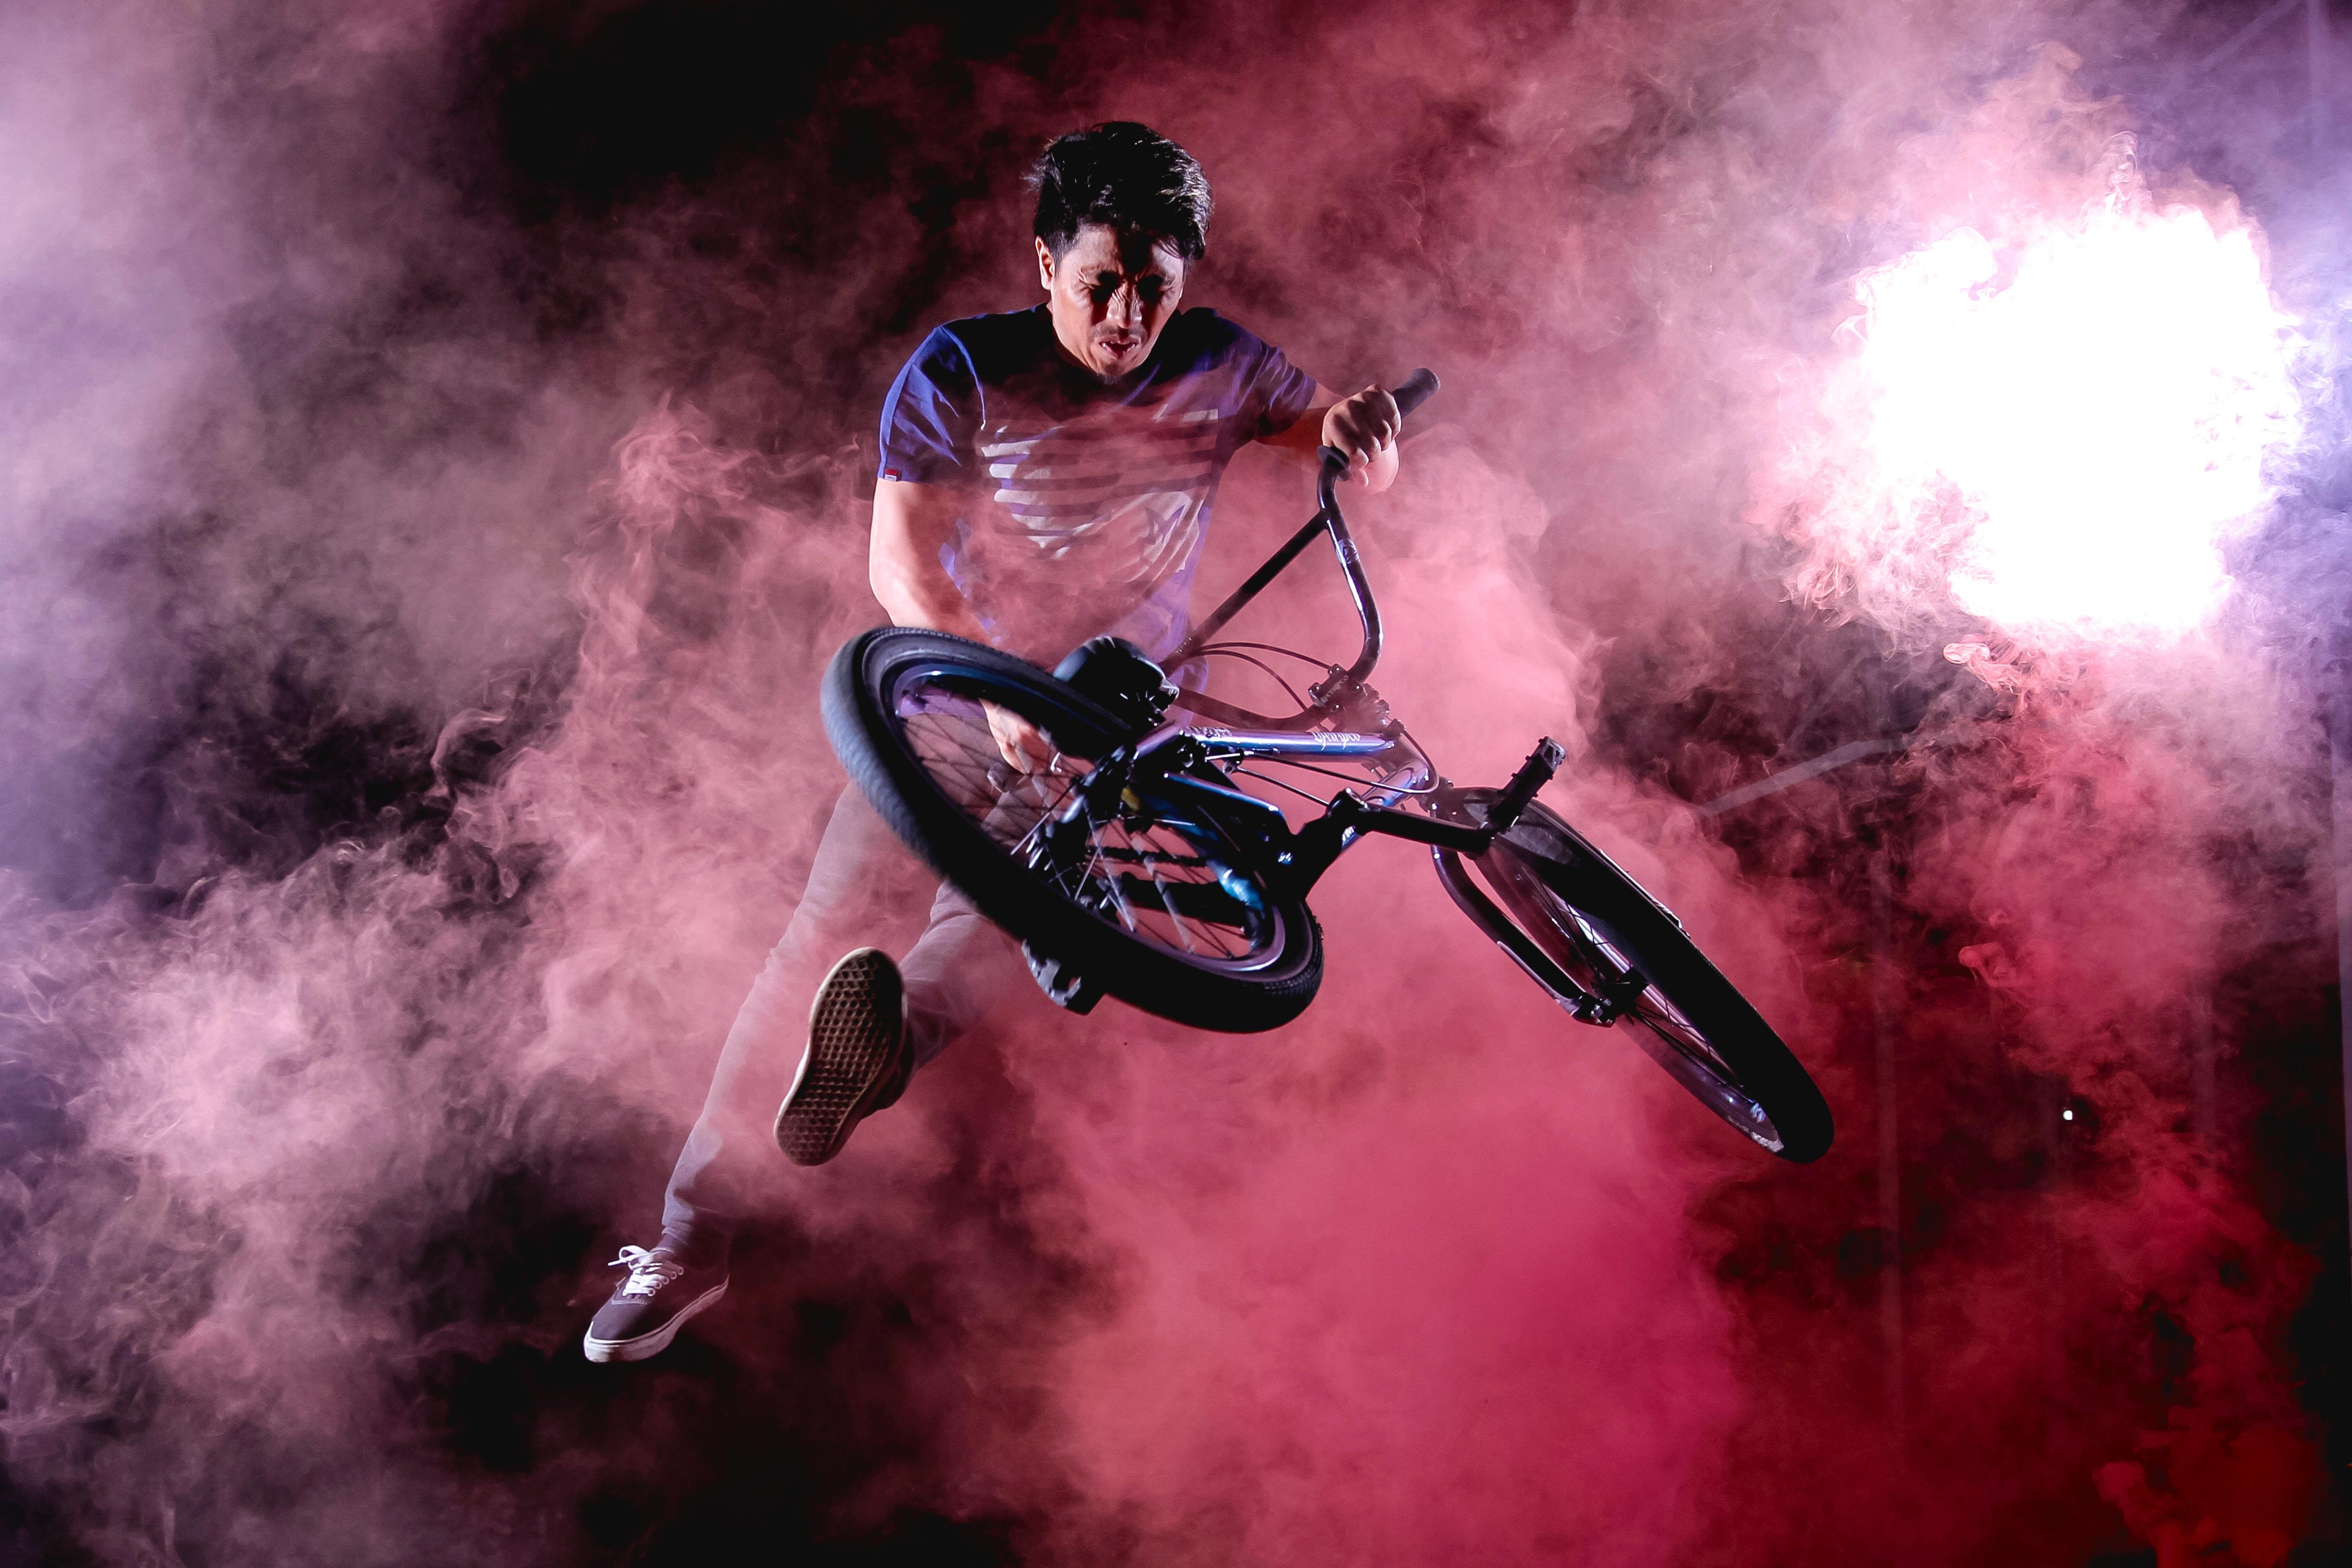 tour de bicyclette - BMX: voici les diverses disciplines de freestyle